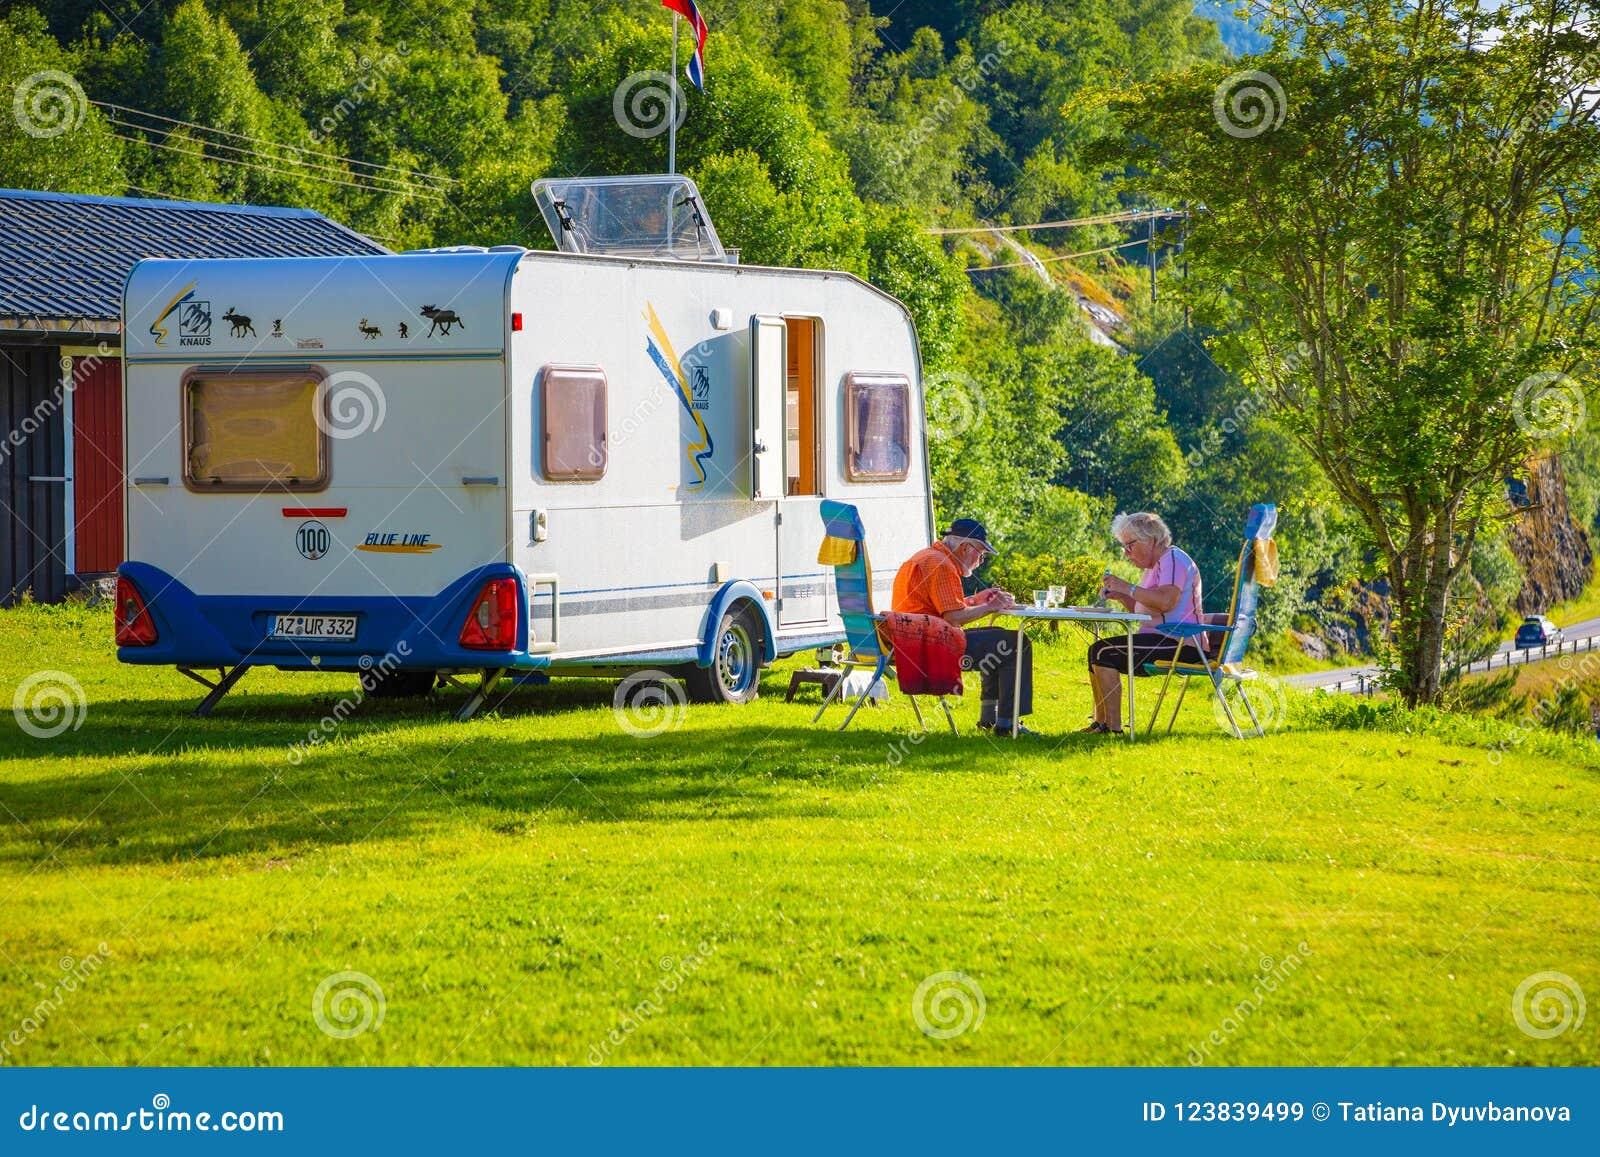 Stryn, Norvegia - 25 06 2018: Vecchie coppie nel campeggio nel lago Oppstrynsvatn nel comune di Stryn nel og Fjordane di Sogn